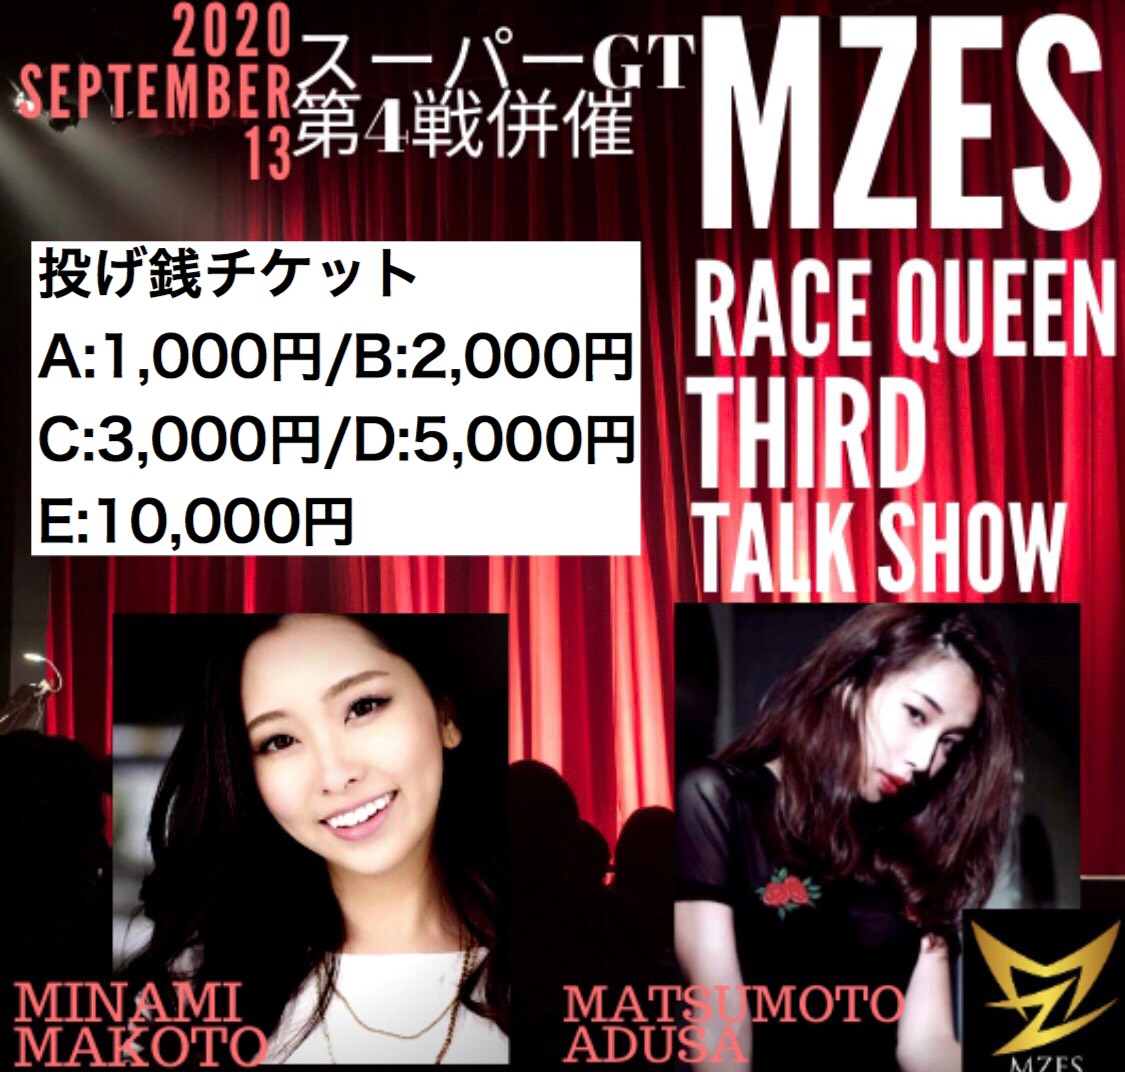 【投げ銭】スーパーGT第4戦併催MZESレースクイーン第三回トークショー